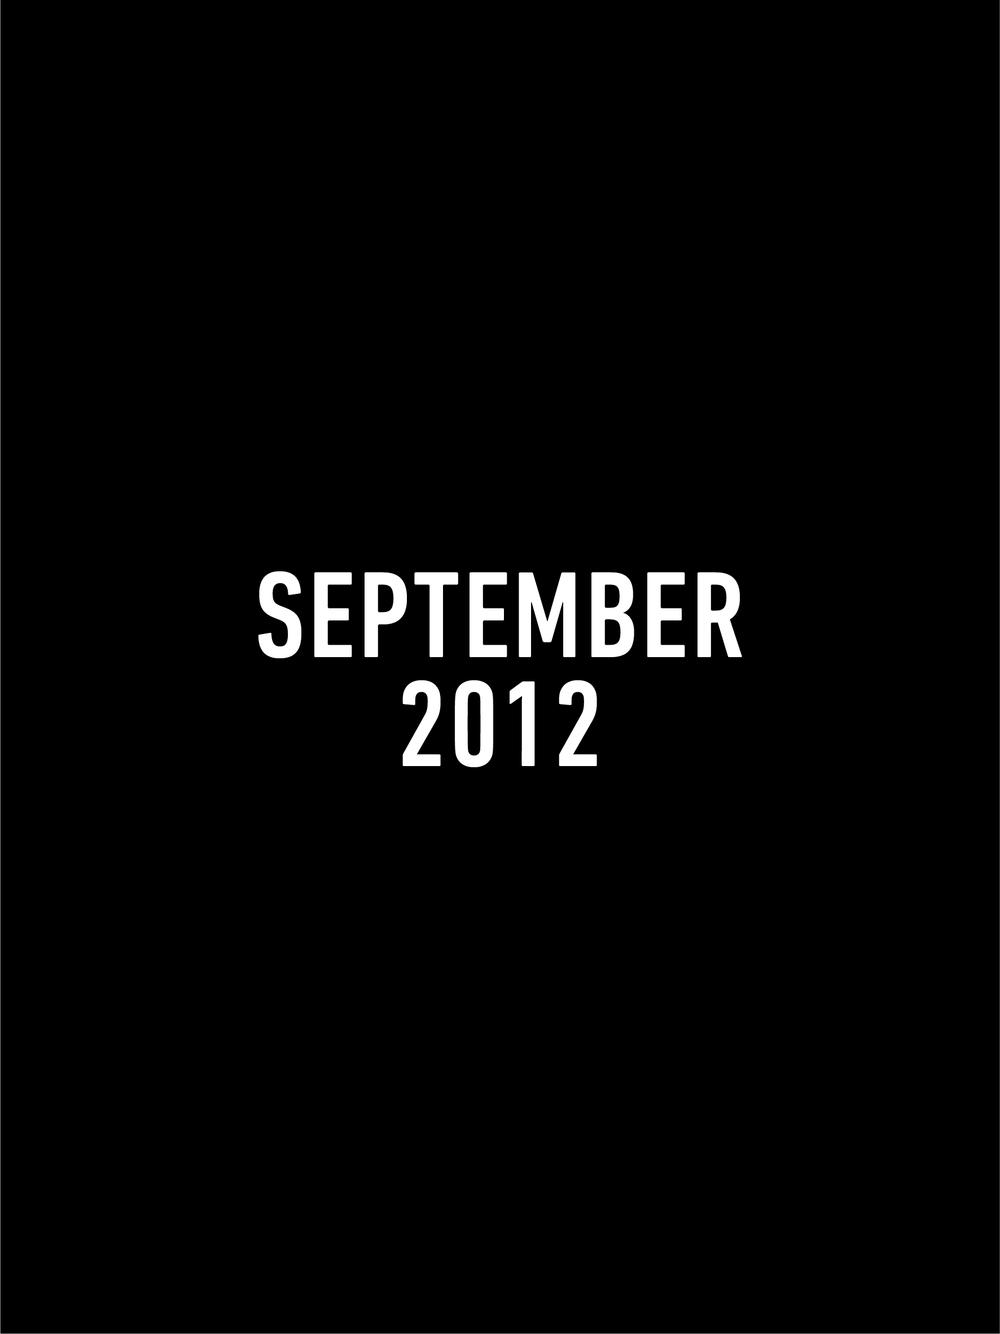 2012 months9.jpg